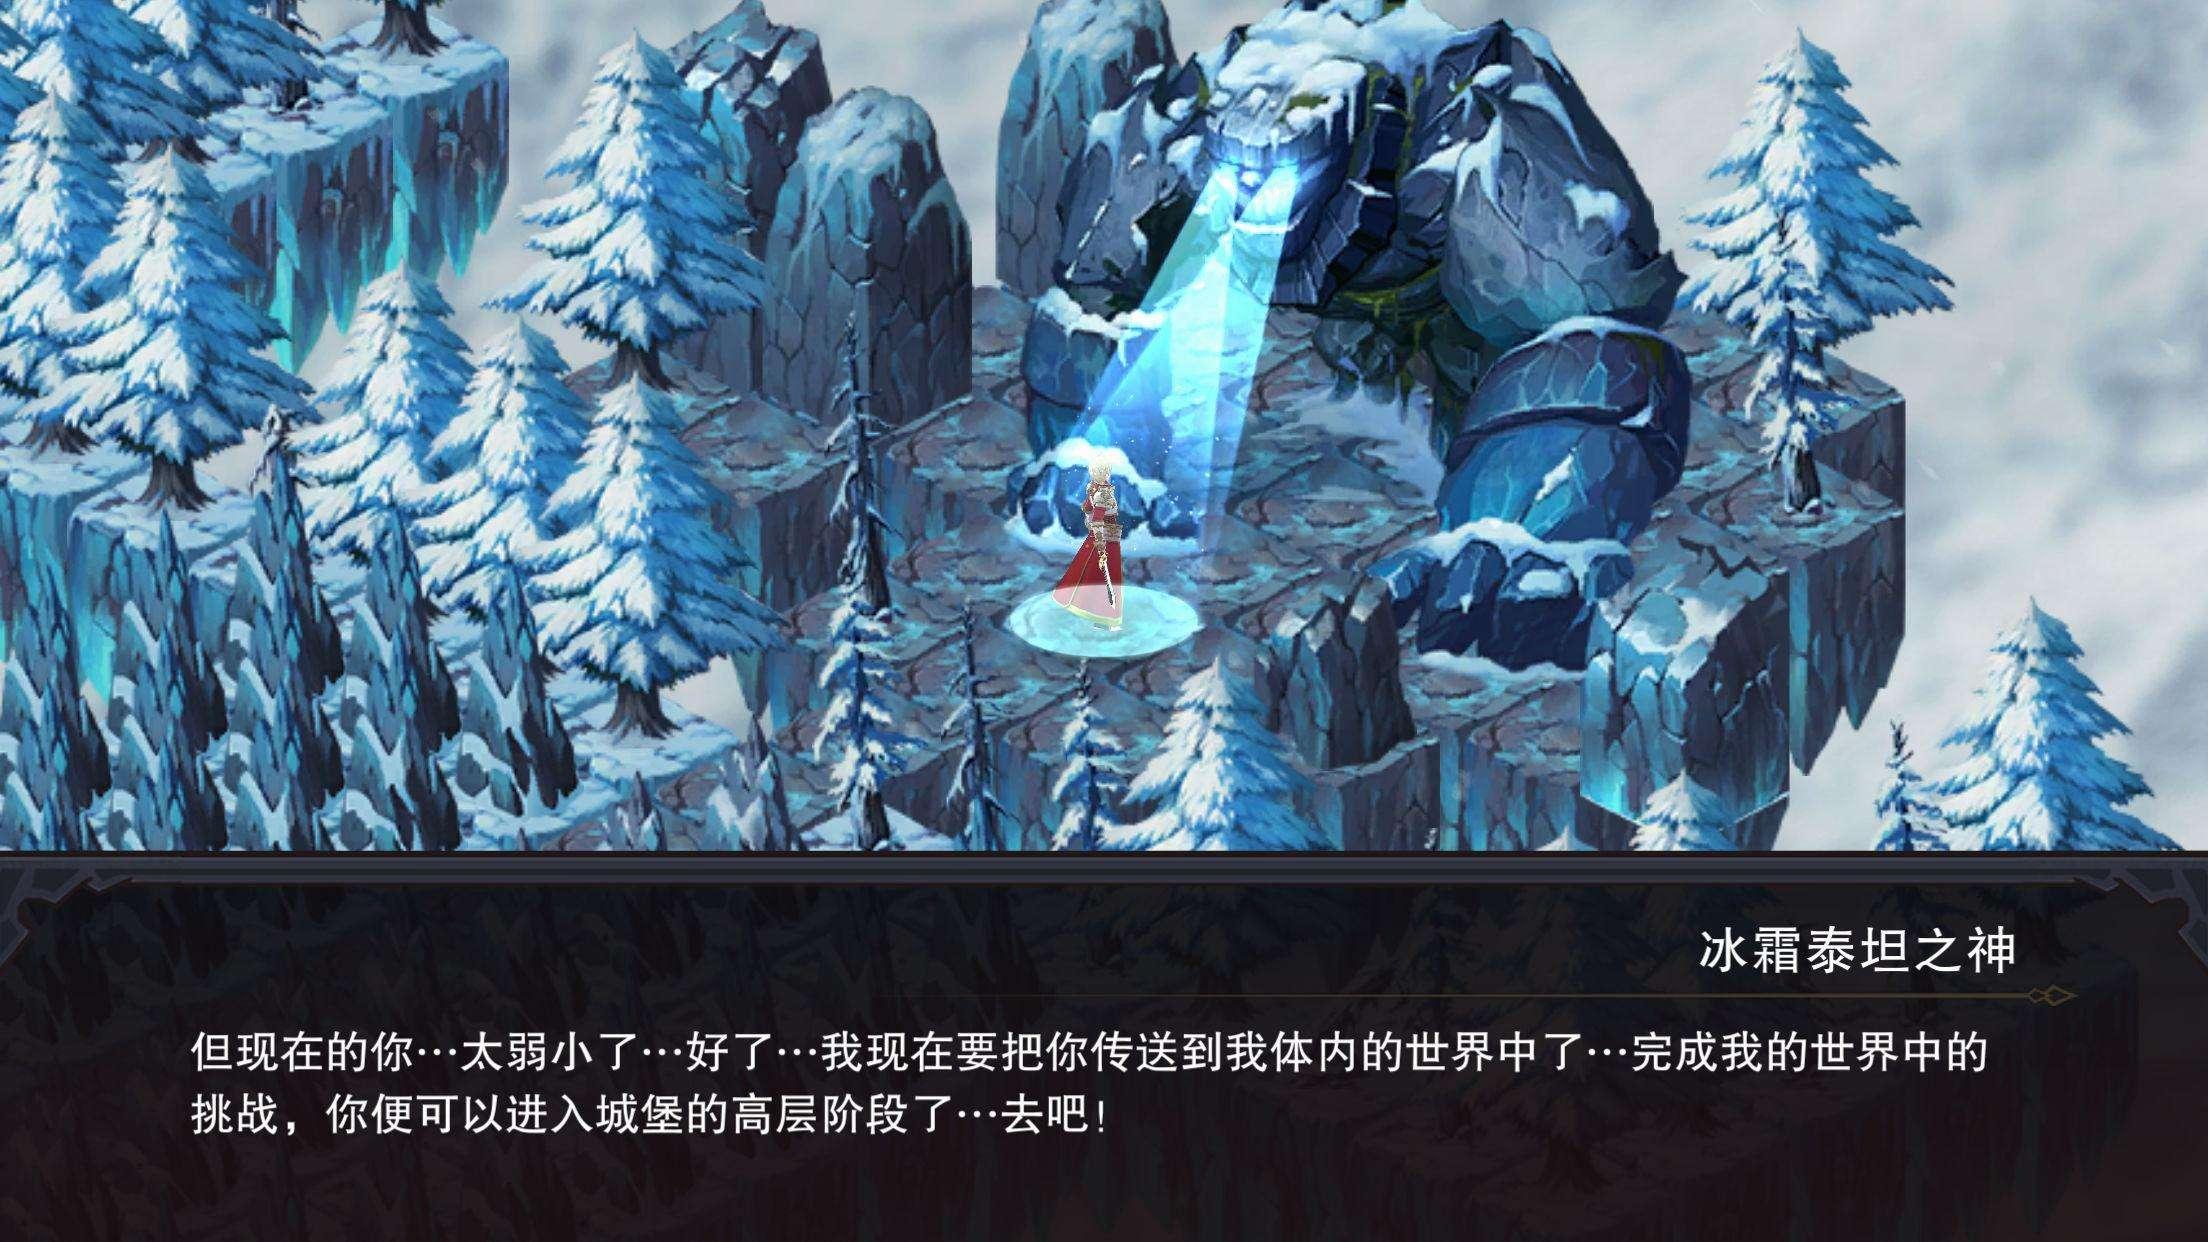 『单机游戏』-城堡传说3: 永恒之城2.1.6